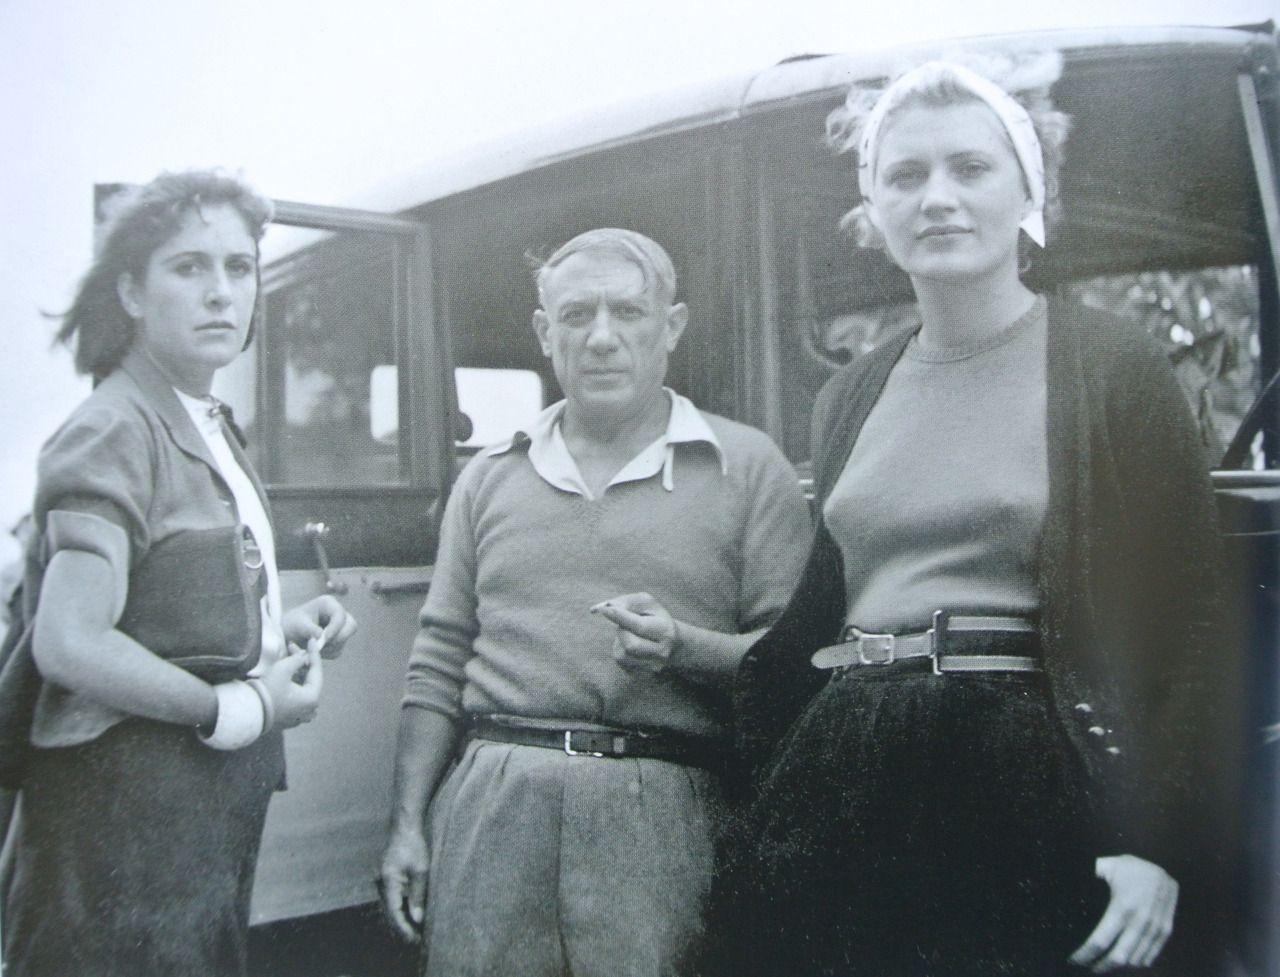 Dora Maar, Lee Miller si Picasso, 1937